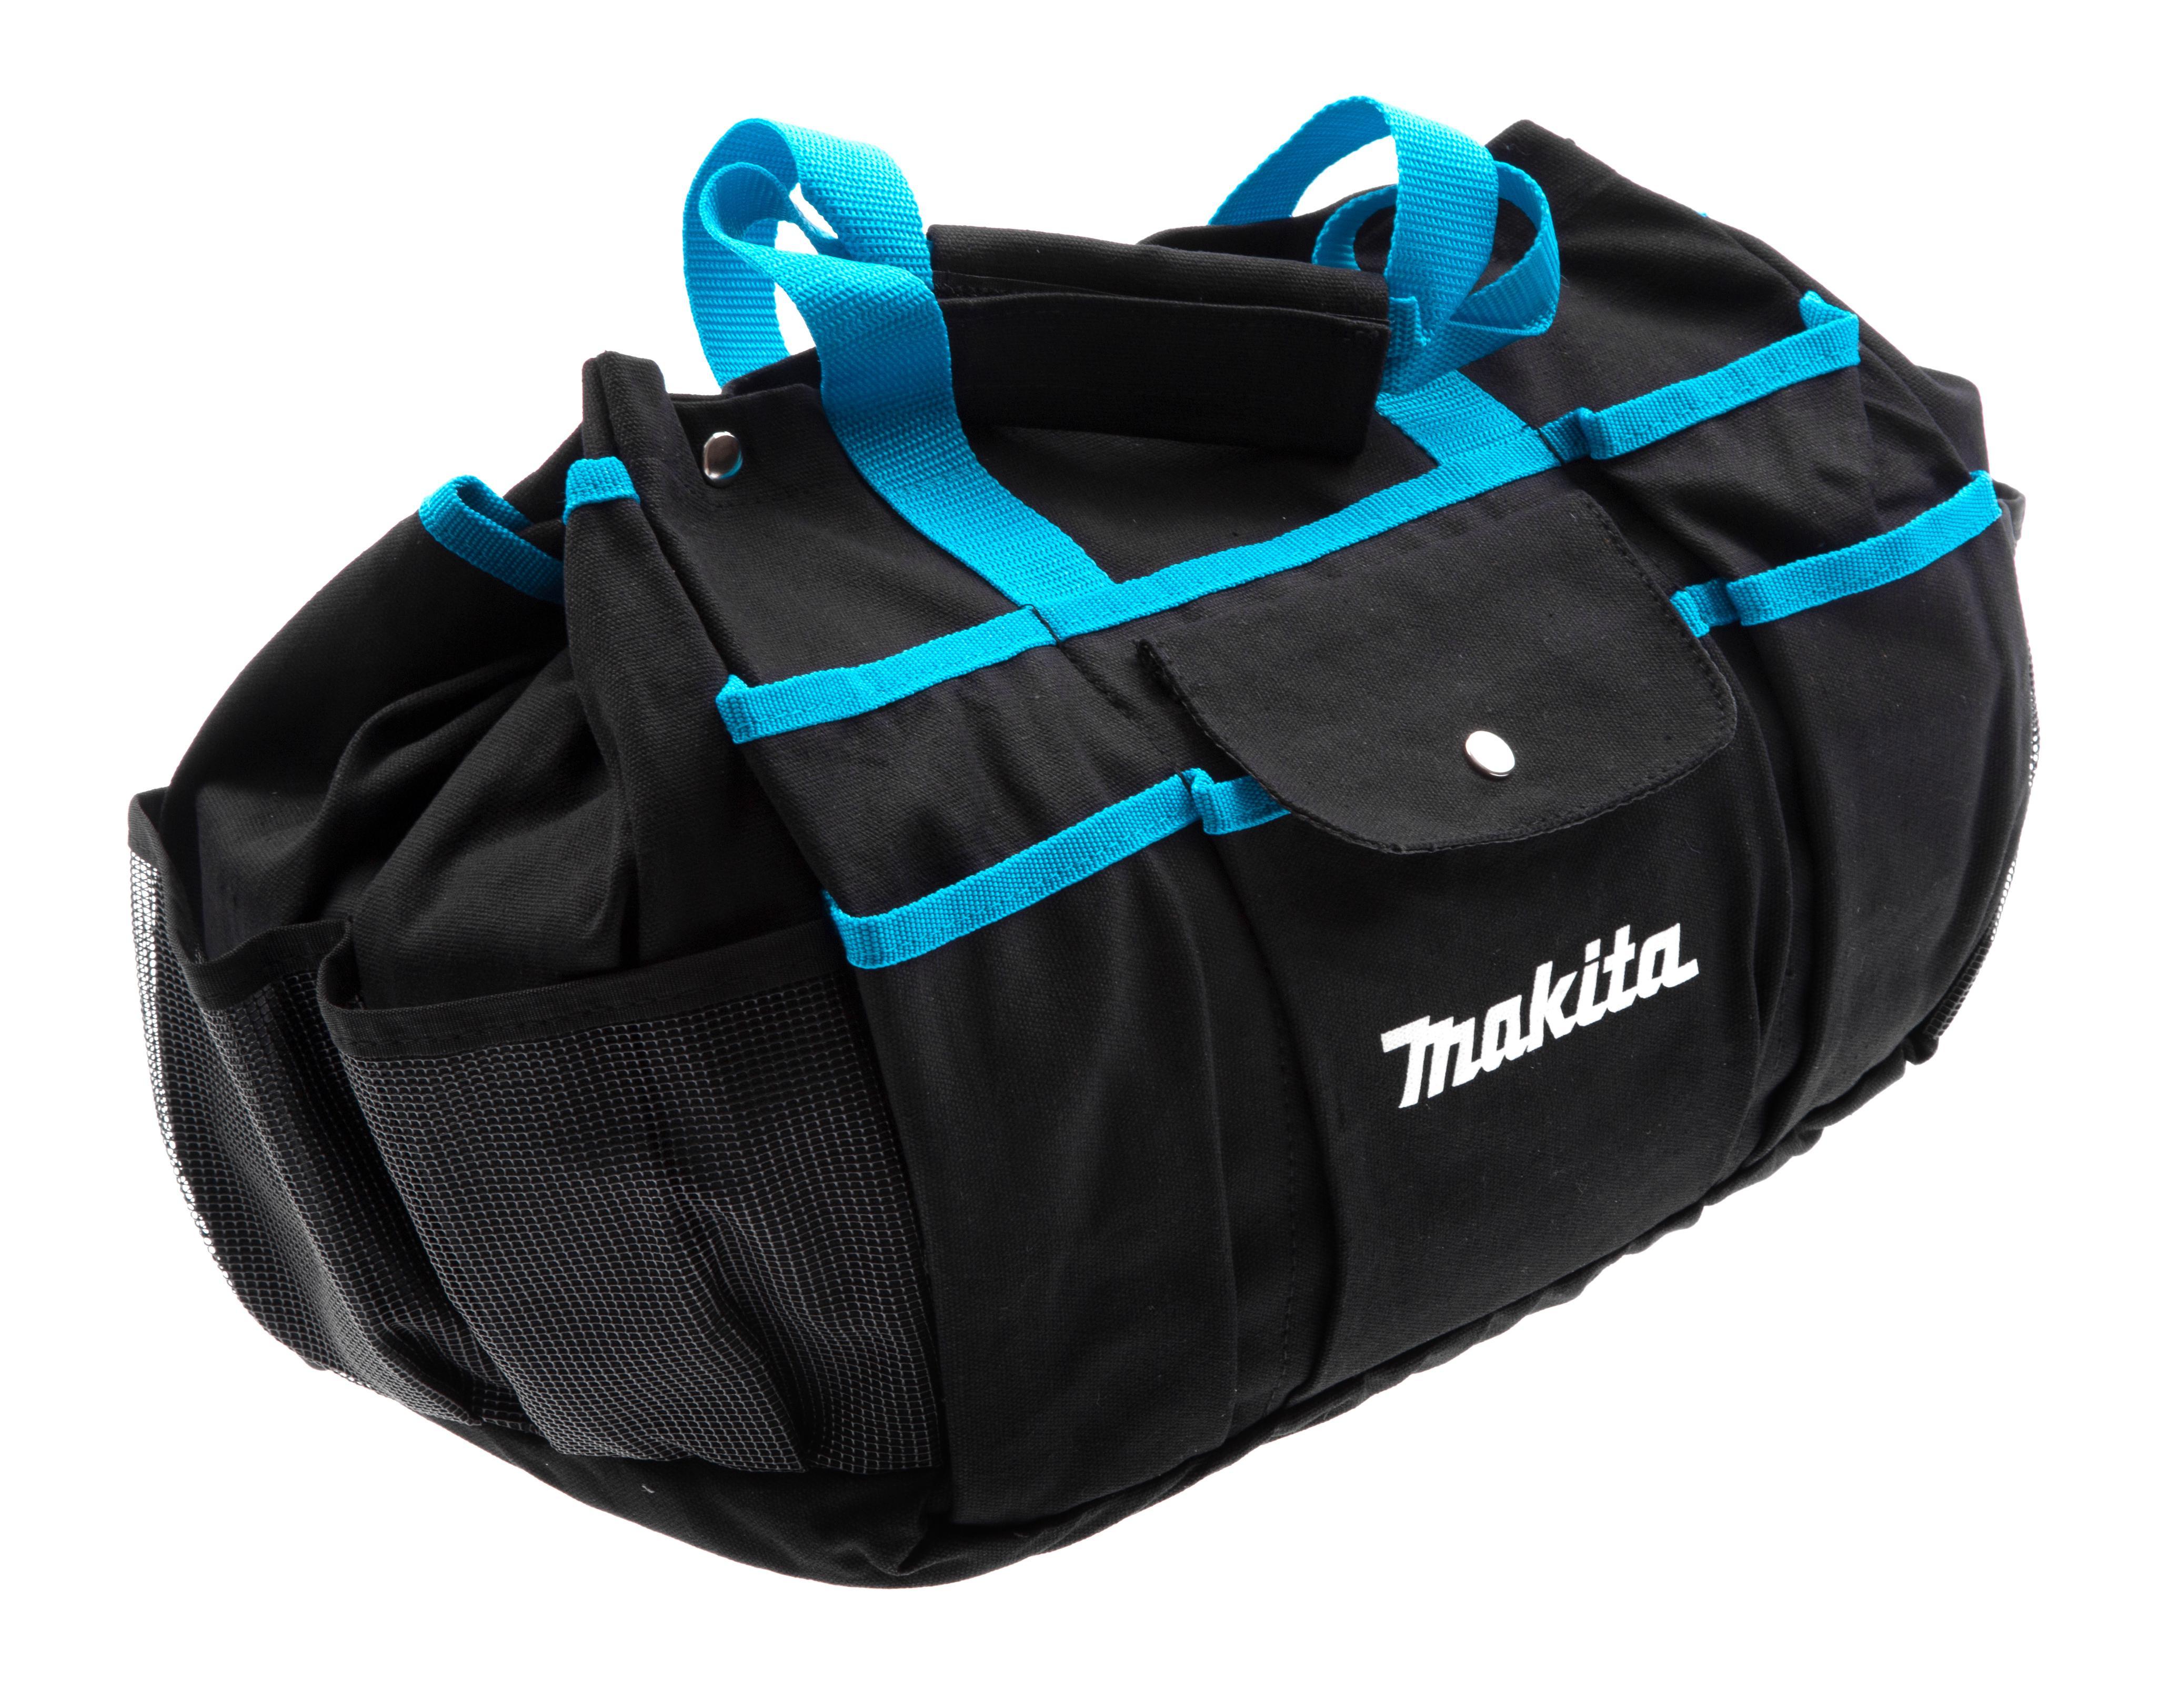 Сумка Makita Pgh-170100 сумка moshi aerio lite для ipad и других планшетов материал хлопок полиэстер цвет синий